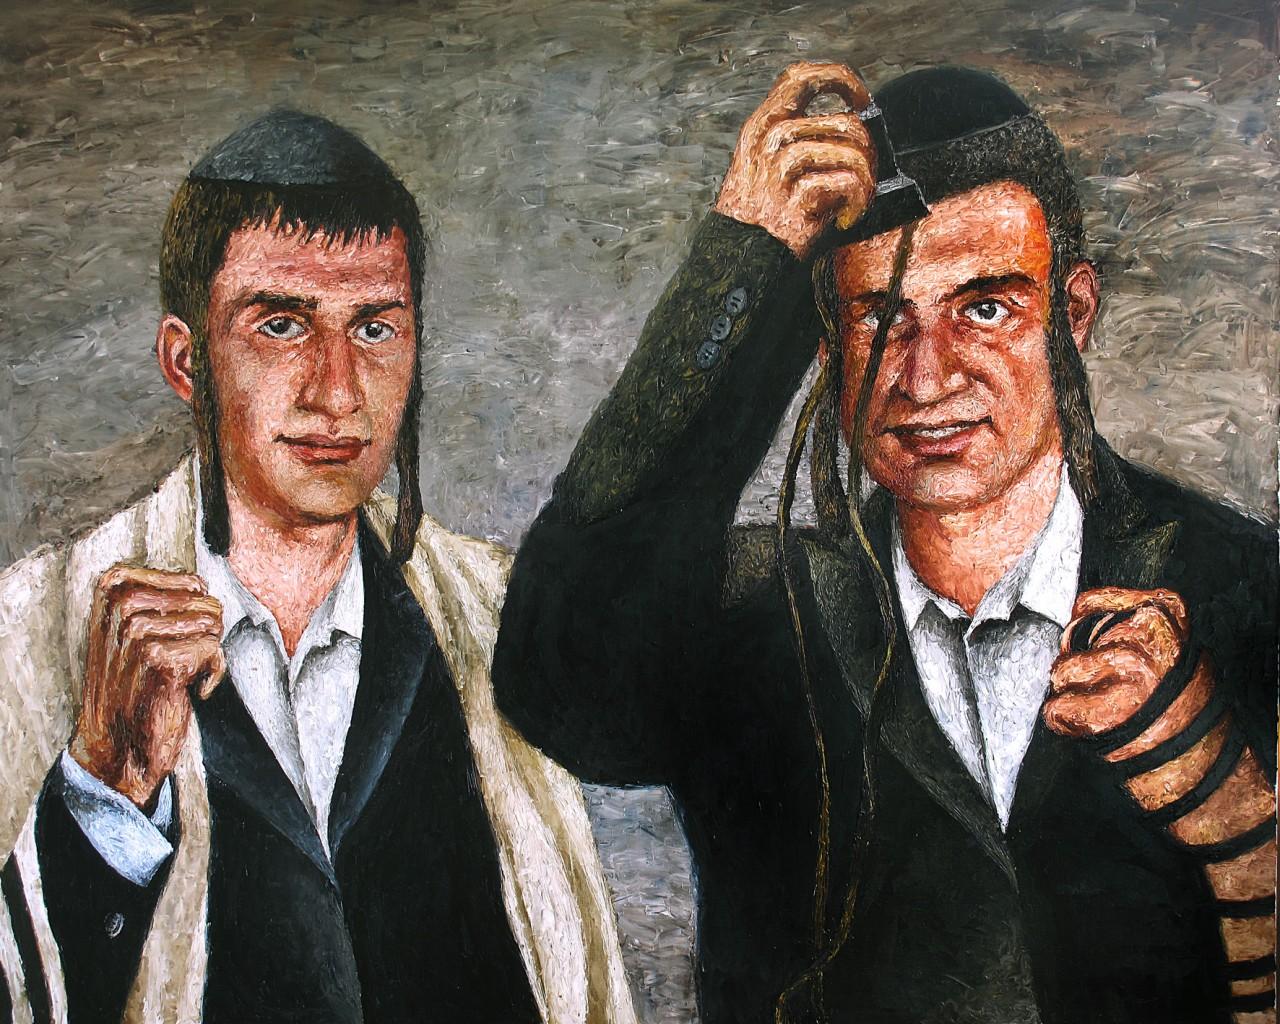 Израильские СМИ обеспокоены решением Кличко в увековечивании памяти  Донцова